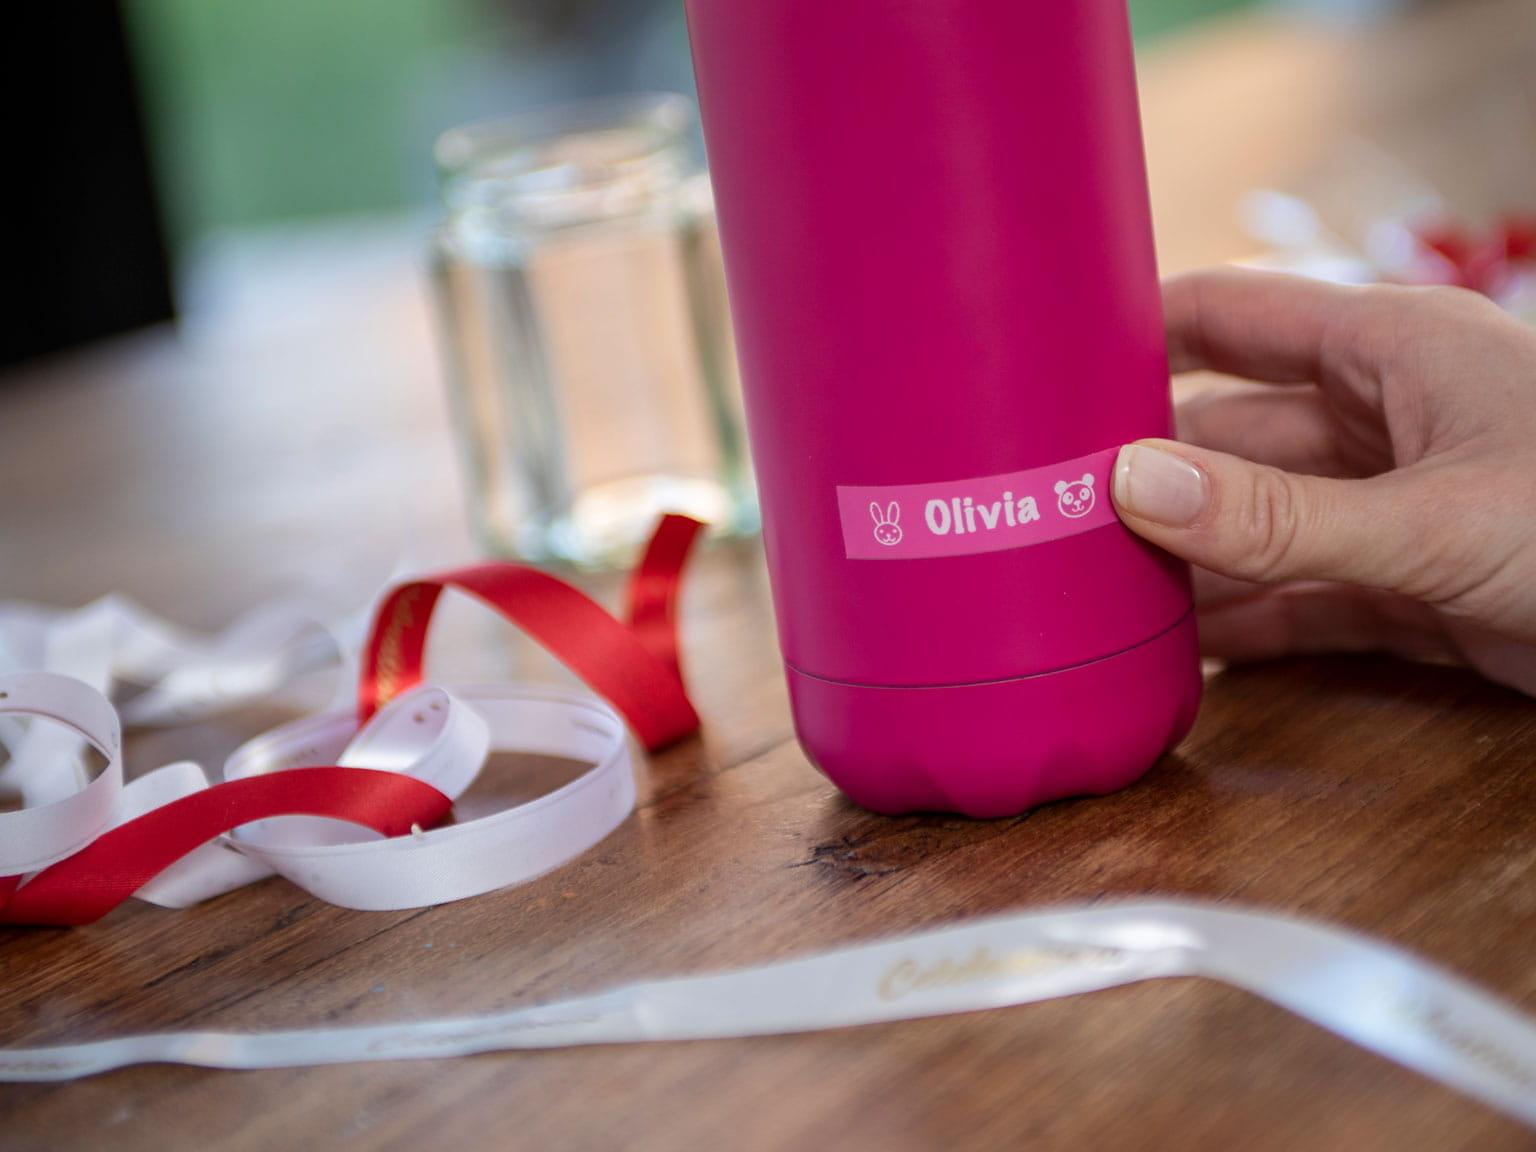 Brother Розов етикет на розова бутилка с цветни панделки